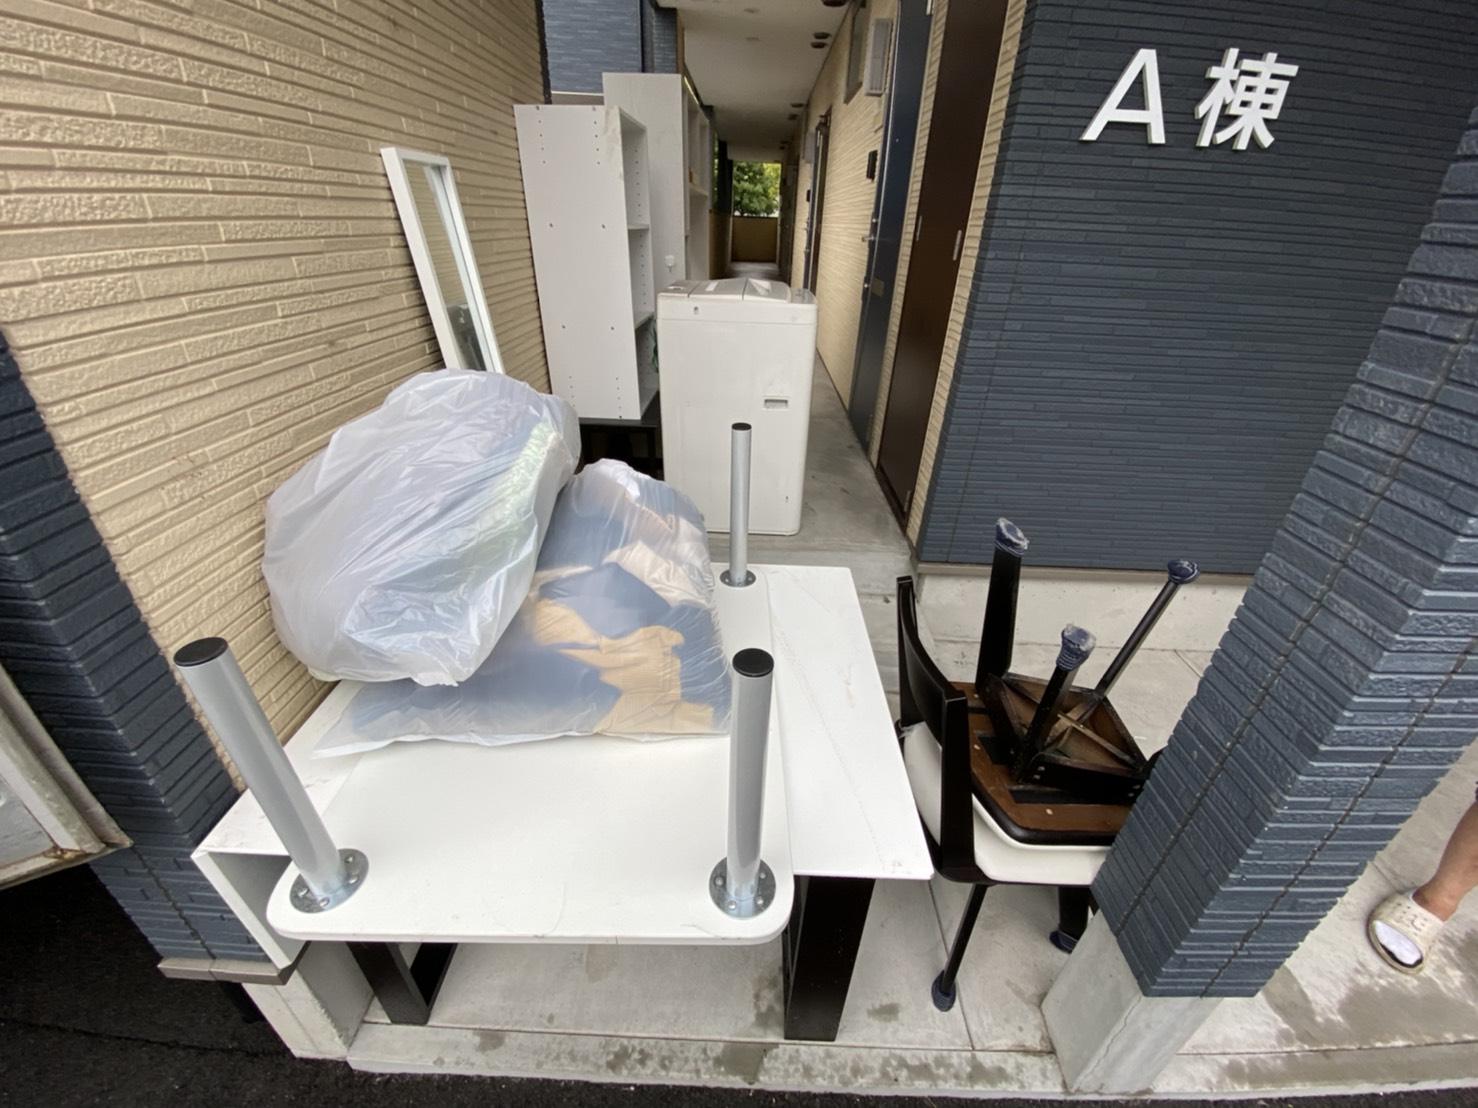 テーブル、イス、洗濯機、その他不用品の回収前